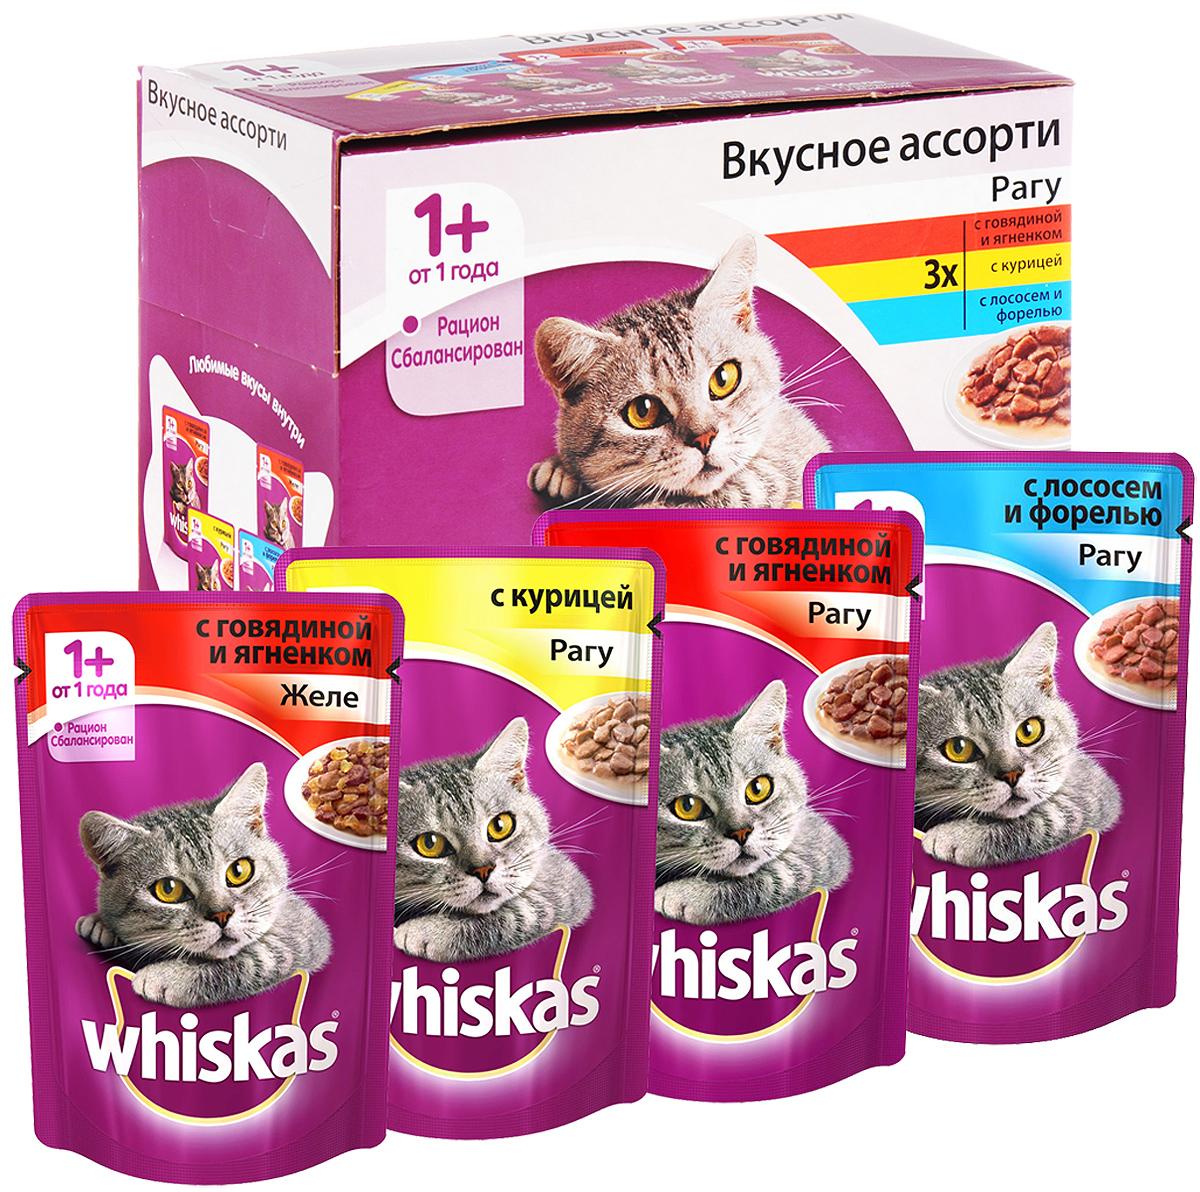 Консервы для взрослых кошек Whiskas Вкусное ассорти, 4 вида, 12 шт57027Вкусное ассорти Whiskas - это полноценное мясное меню на каждый день, которое обязательно придется по вкусу вашей любимице. В нем есть все, что так любят кошки: сочное мясо, аппетитная курочка и вкусная рыбка. Тщательно сбалансированный рацион содержит все питательные вещества, витамины и минералы, необходимые вашей кошке каждый день. В набор Whiskas Вкусное ассорти входят: - рагу с говядиной и ягненком - 3 х 85 г; - рагу с курицей - 3 х 85 г; - рагу с лососем и форелью - 3 х 85 г, - желе с говядиной и ягненком - 3 х 85 г. Рагу с говядиной и ягненком Состав: мясо и субпродукты (в том числе говядина и ягненок минимум 4%), таурин, витамины, минеральные вещества. Пищевая ценность в 100 г: белки - 7,3 г, жиры - 4,0 г, клетчатка - 0,3 г, зола - 2,2 мг, витамин А - не менее 150 МЕ, витамин Е - не менее 1,0 мг, влага - 85 г. Энергетическая ценность в 100 г: 70 ккал/293 кДж. Рагу с...